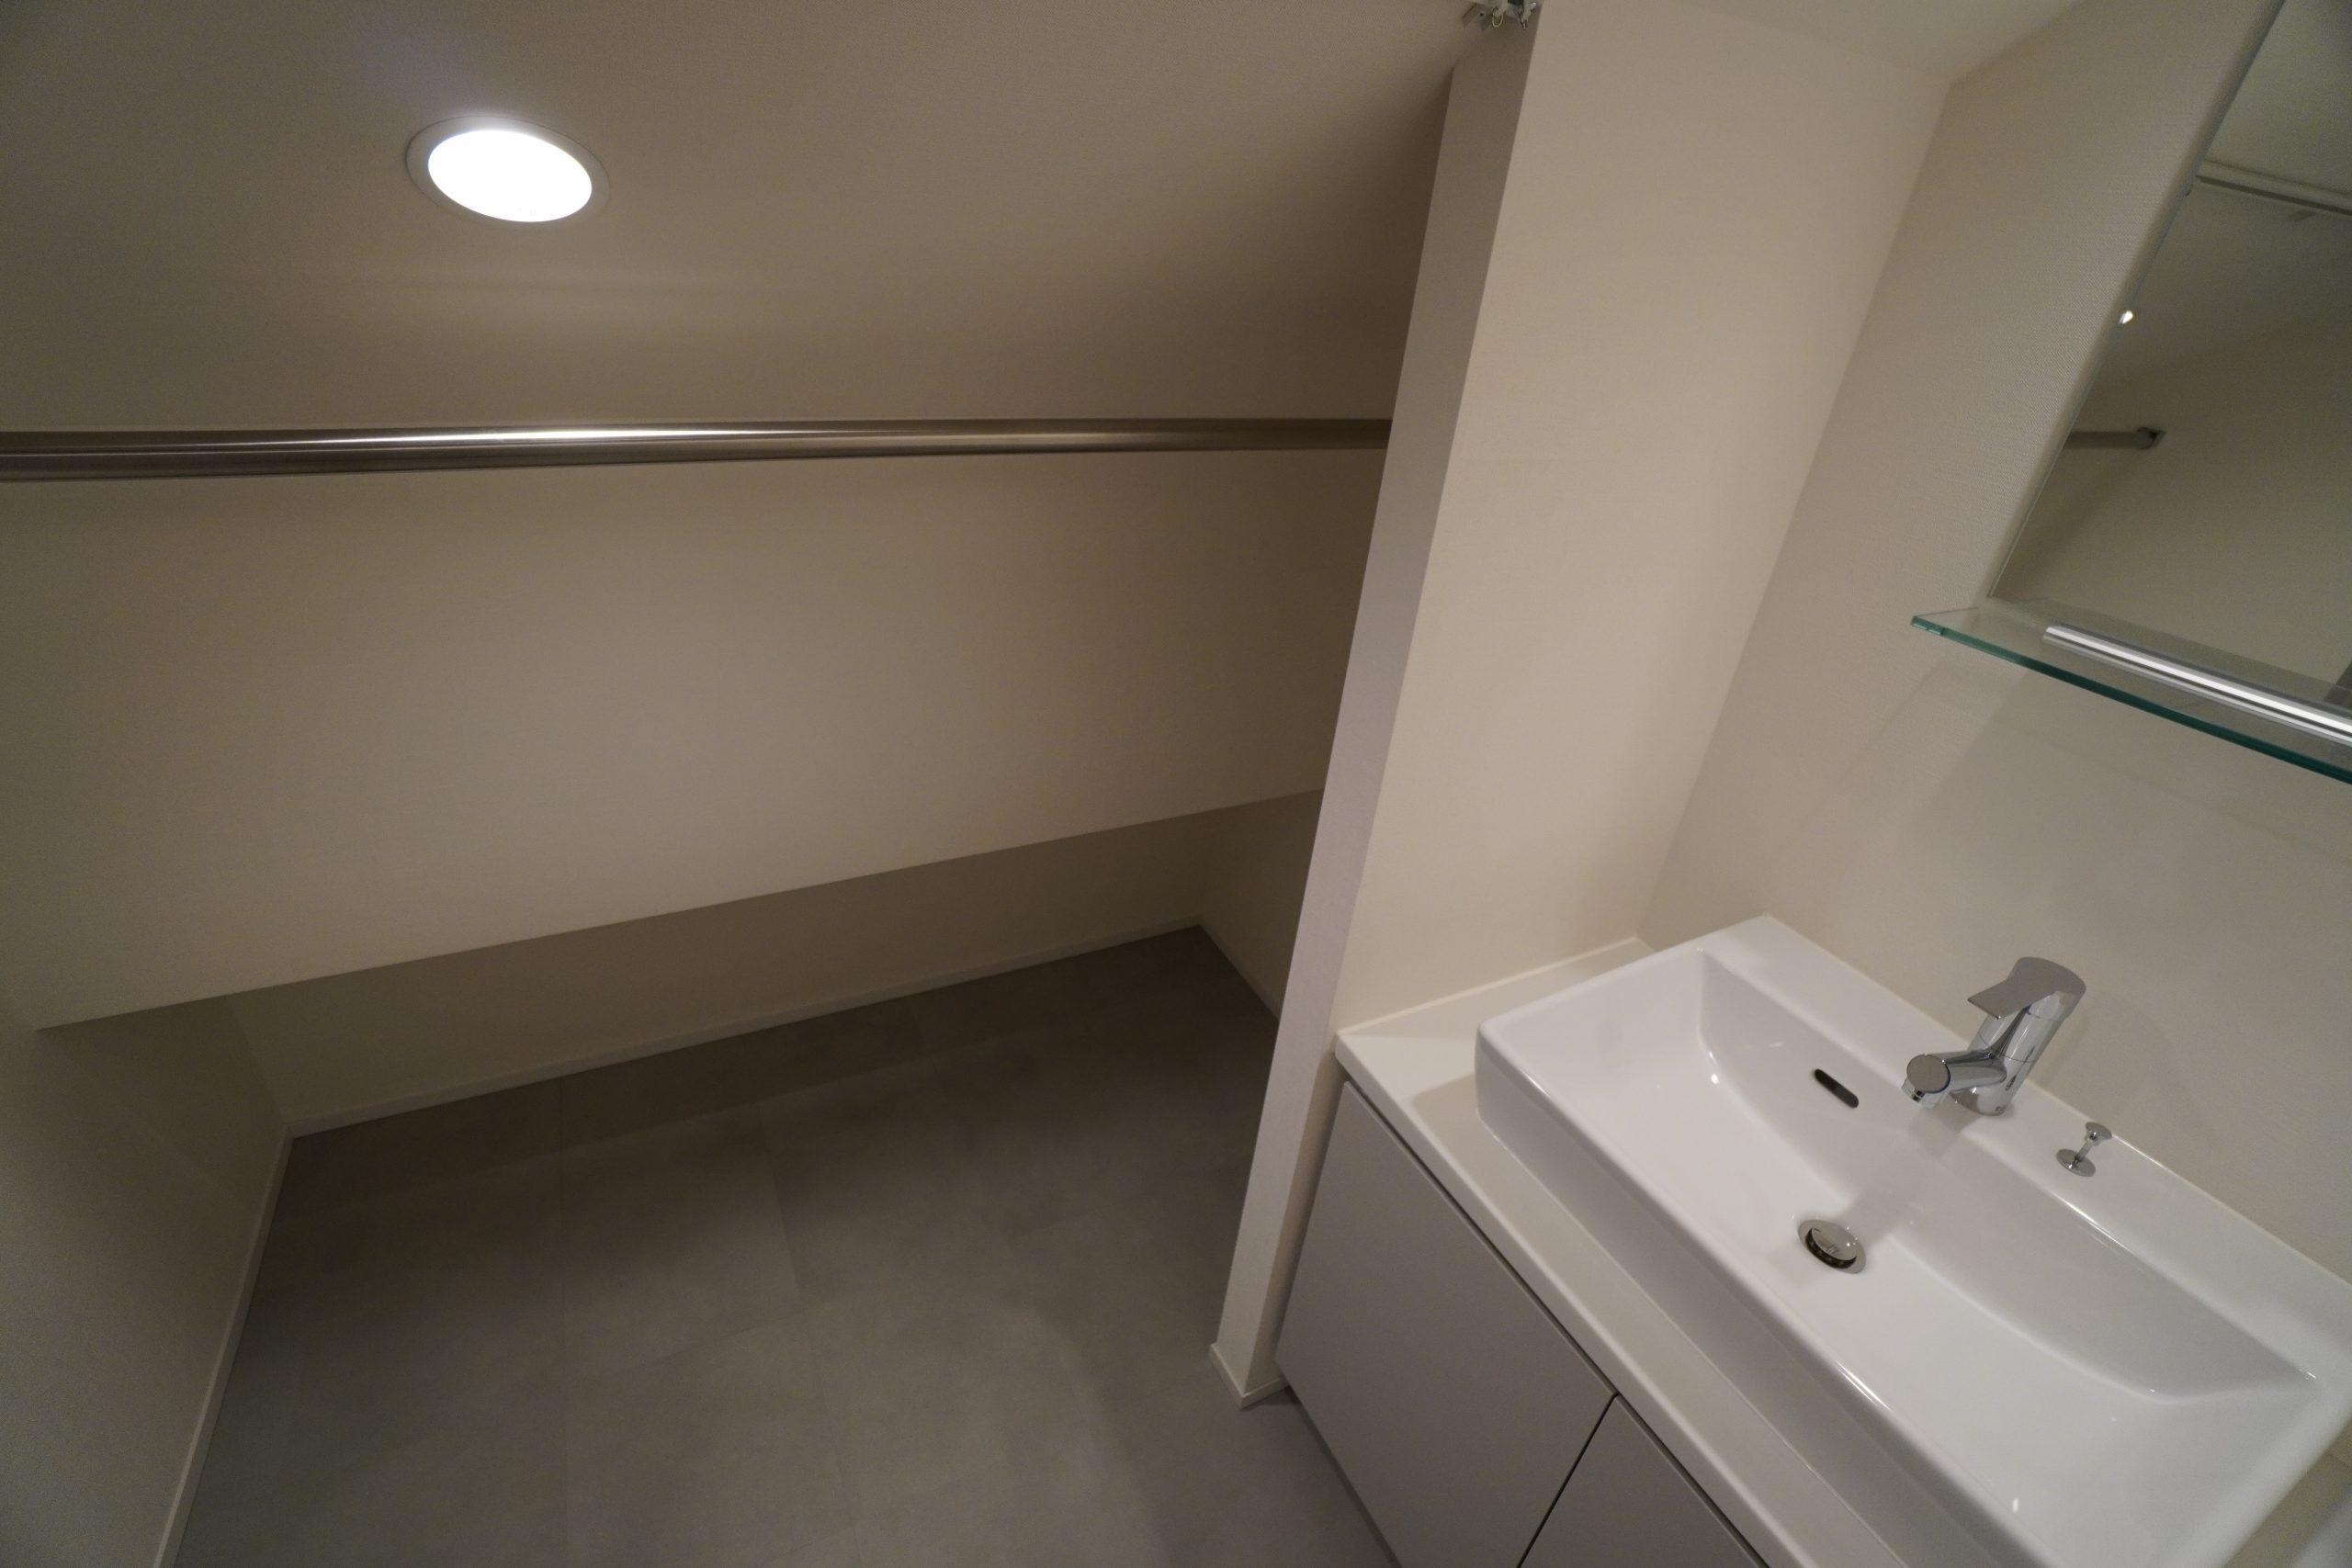 PASEO新宿三丁目I 301の写真10